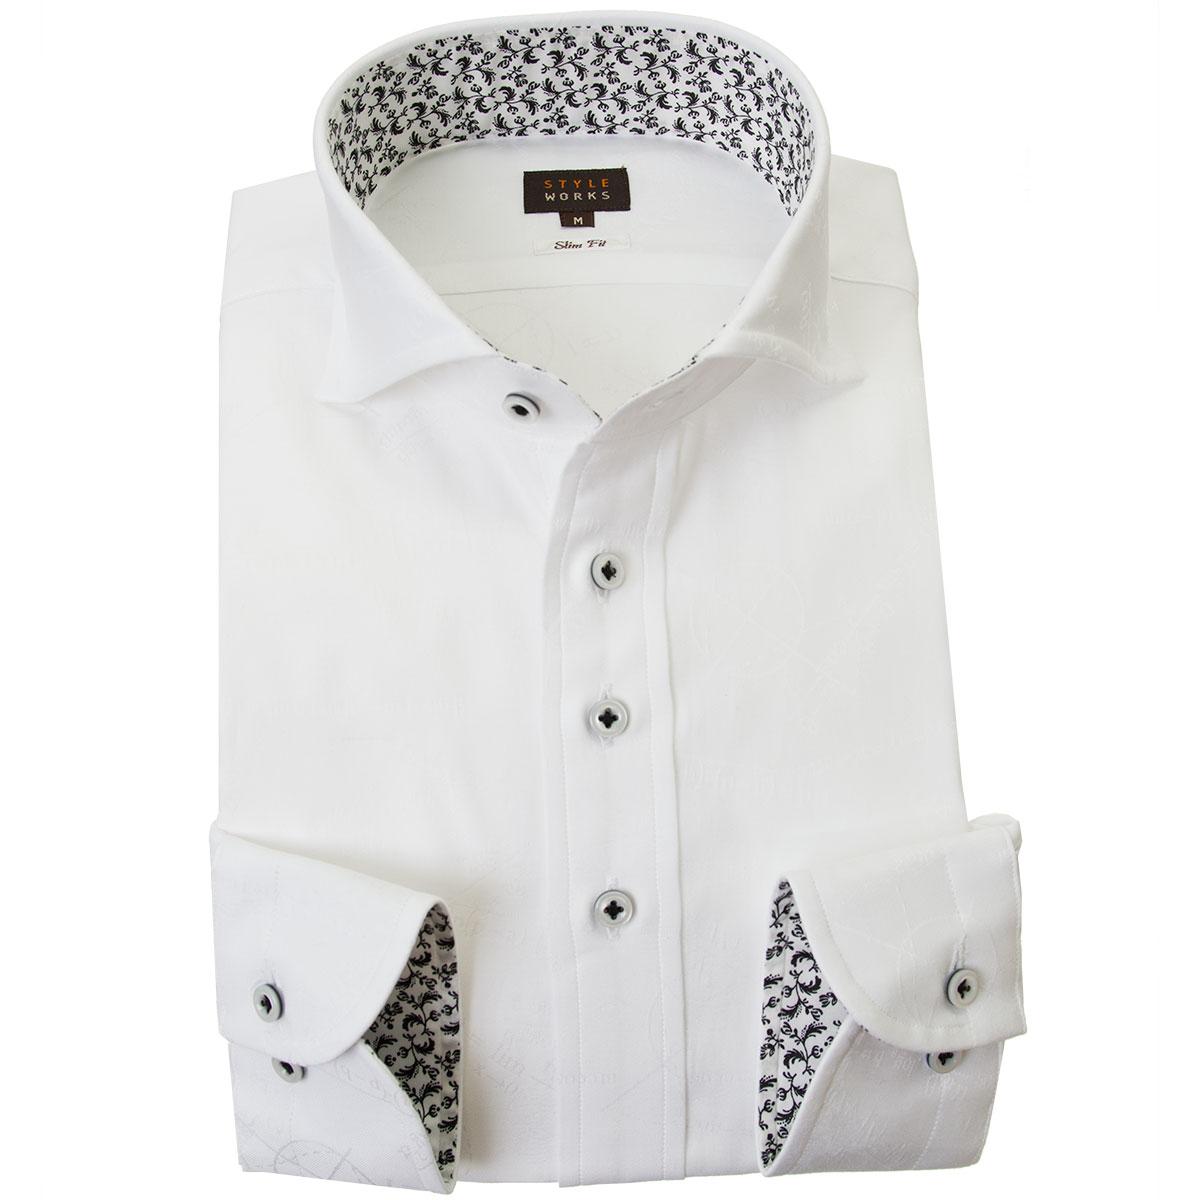 ドレスシャツ ワイシャツ シャツ メンズ 国産 長袖 綿100% スリムフィット カッタウェイワイド ホワイト ジャガード織柄 数式 方程式 2001 【Sサイズ・裄丈81cm】